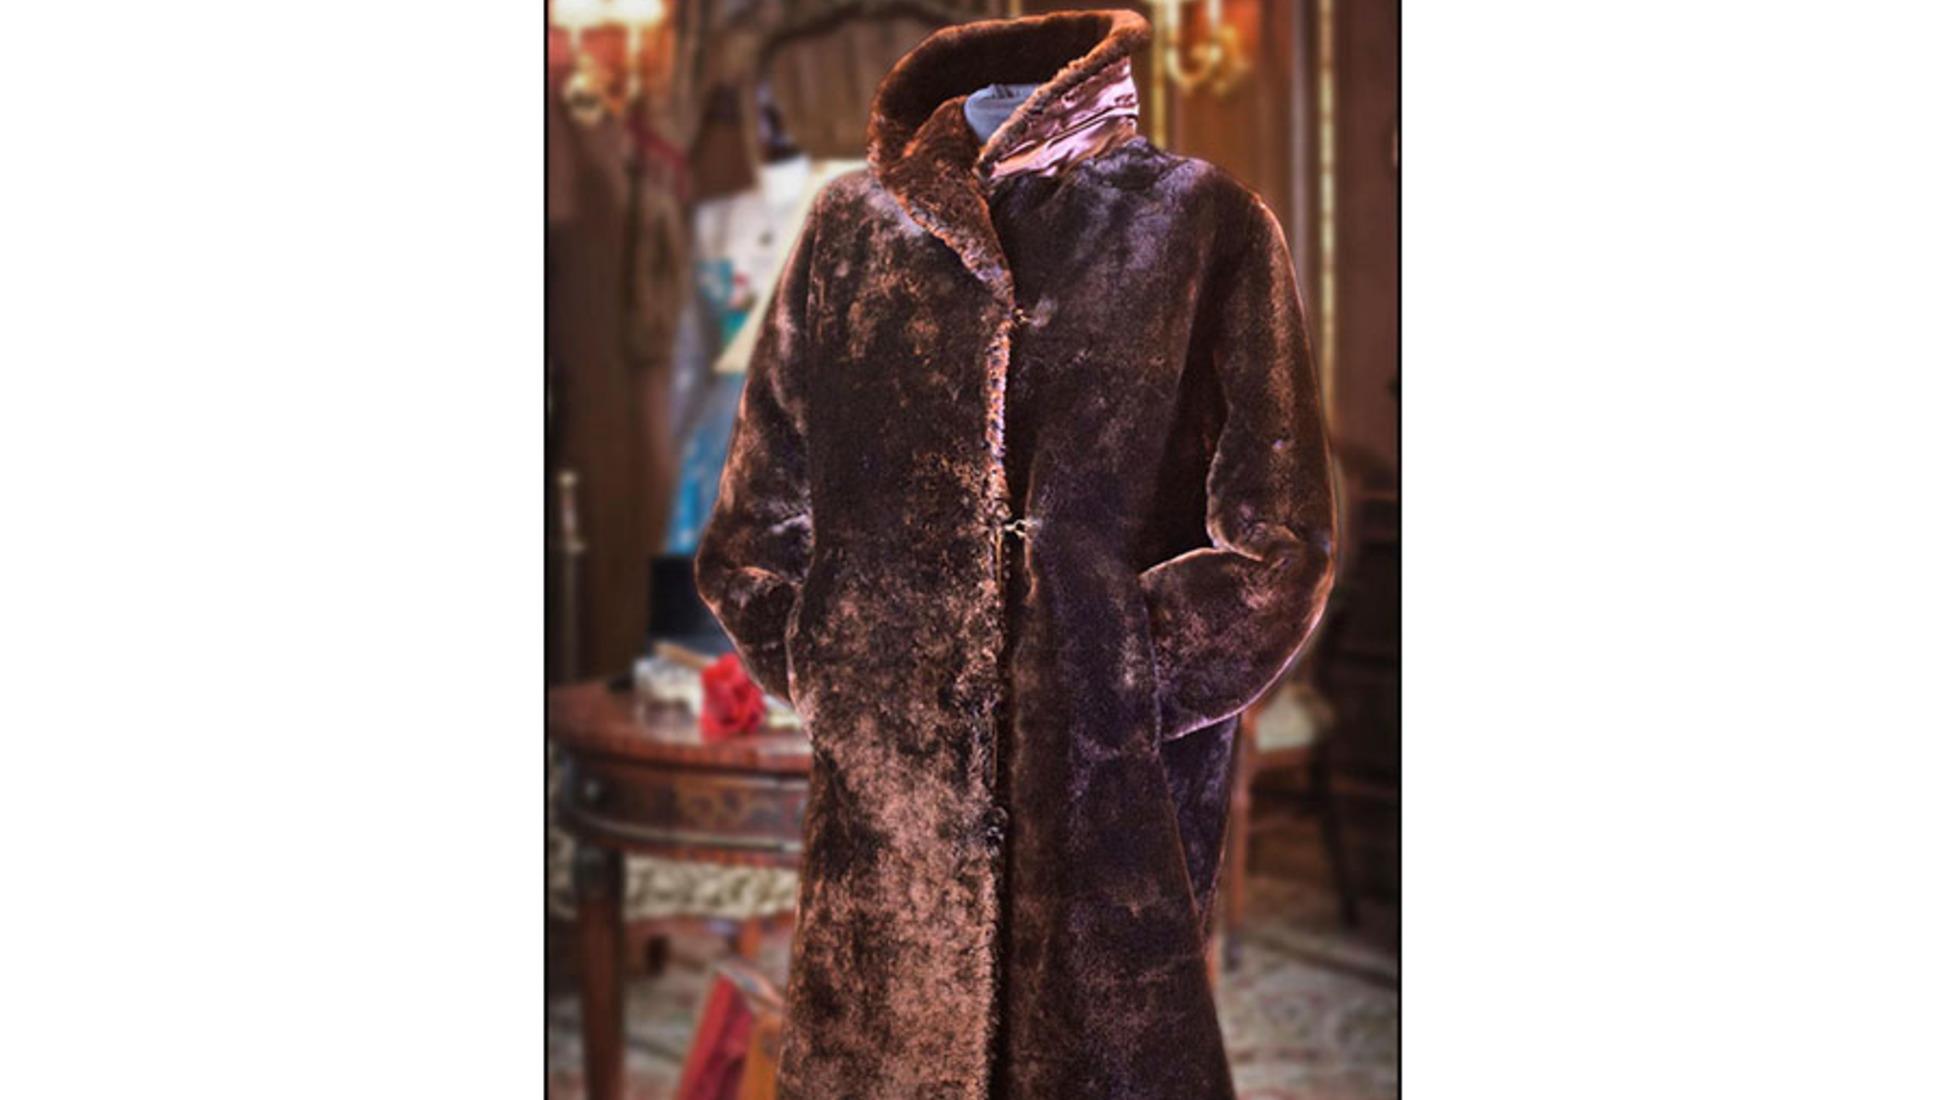 b4df172707b Os 5 objetos mais caros do Titanic que sobreviveram e foram vendidos ...